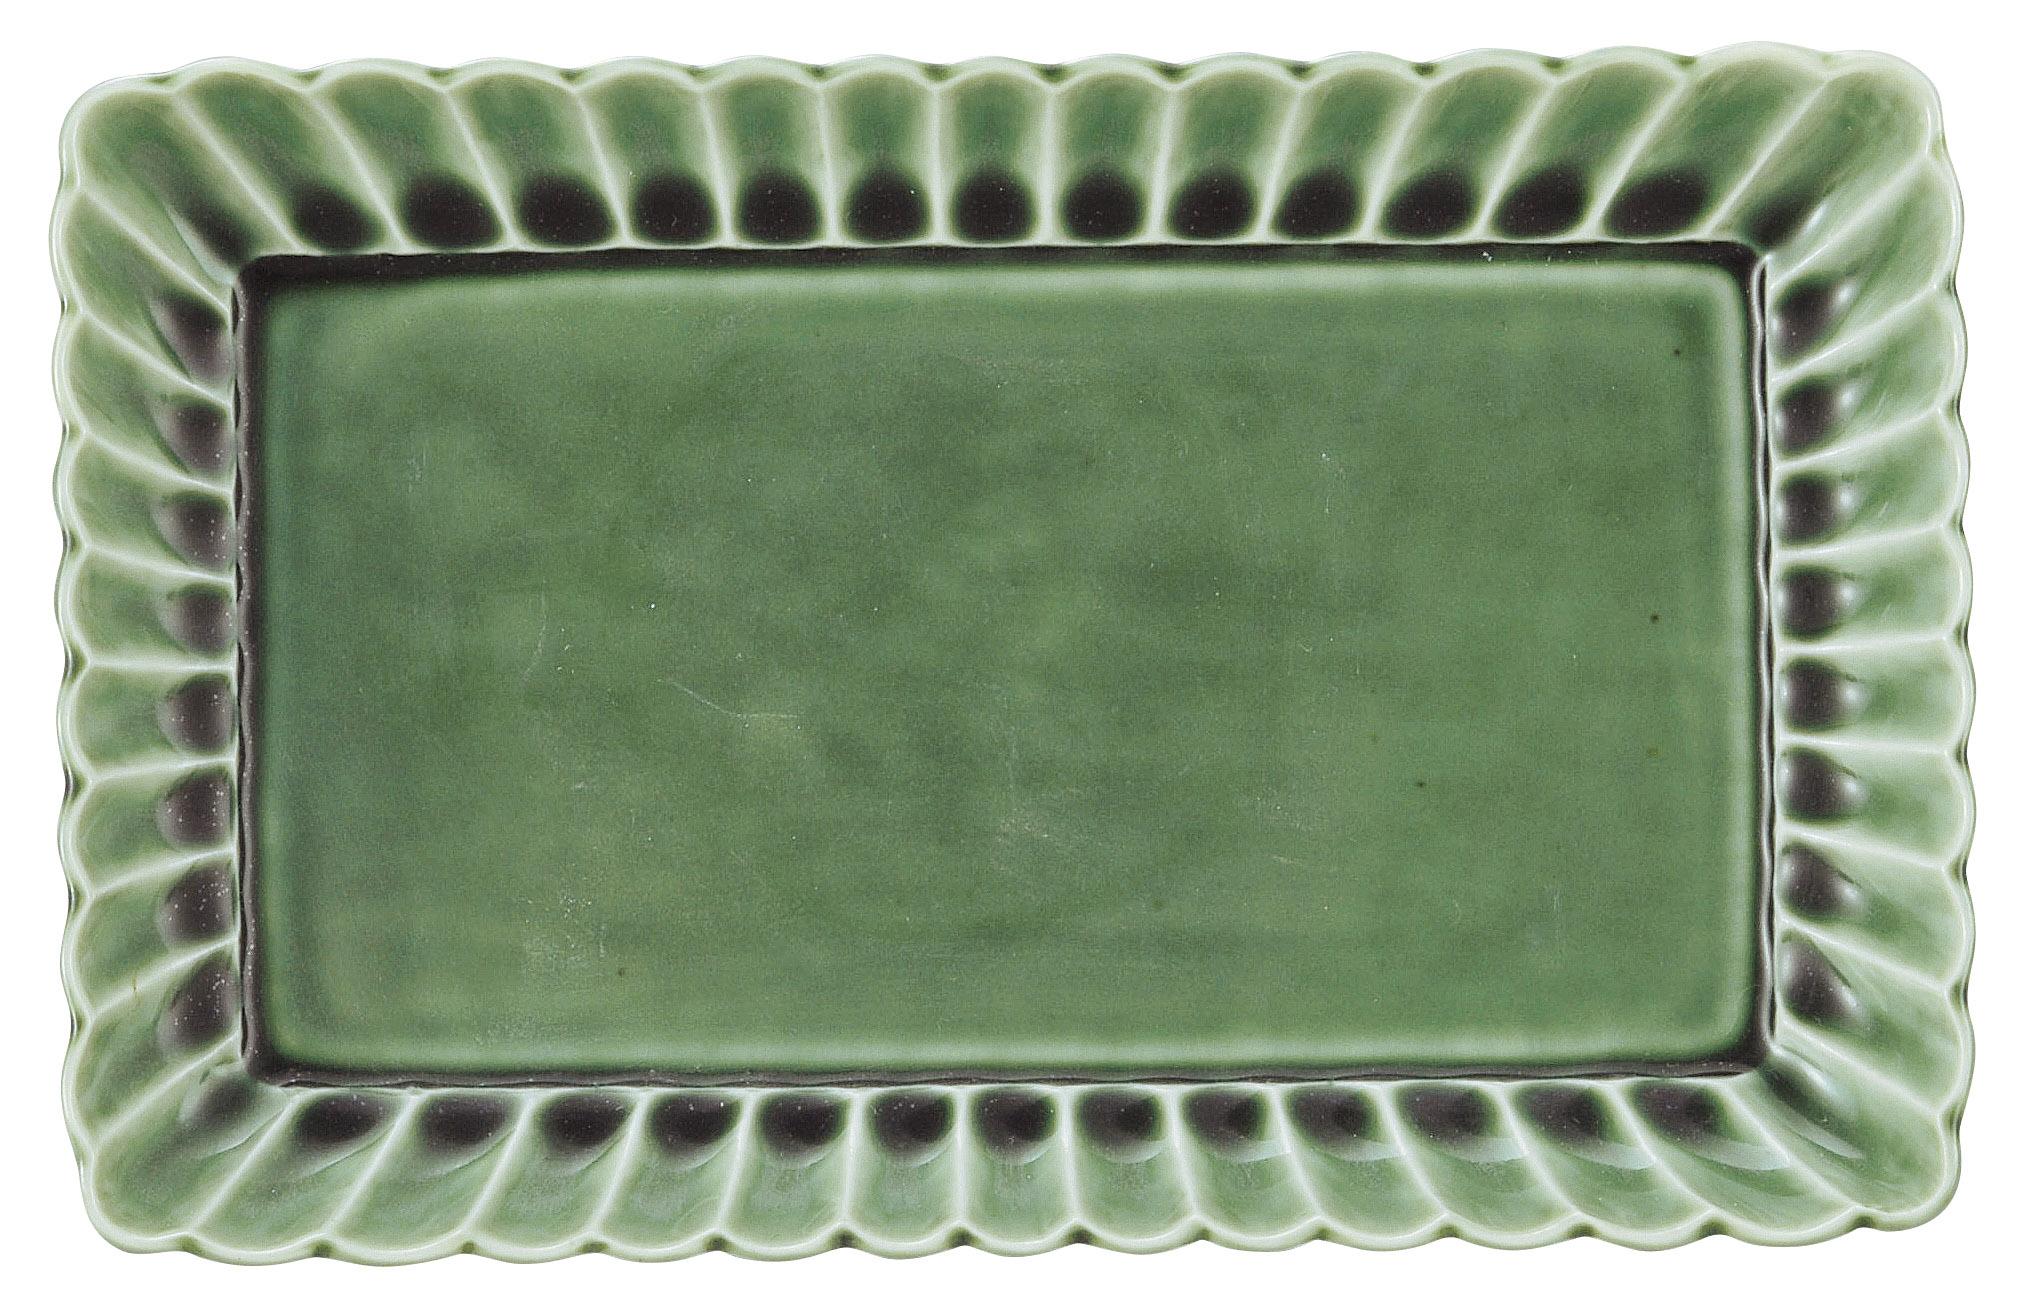 かすみ 緑 21cm長角皿